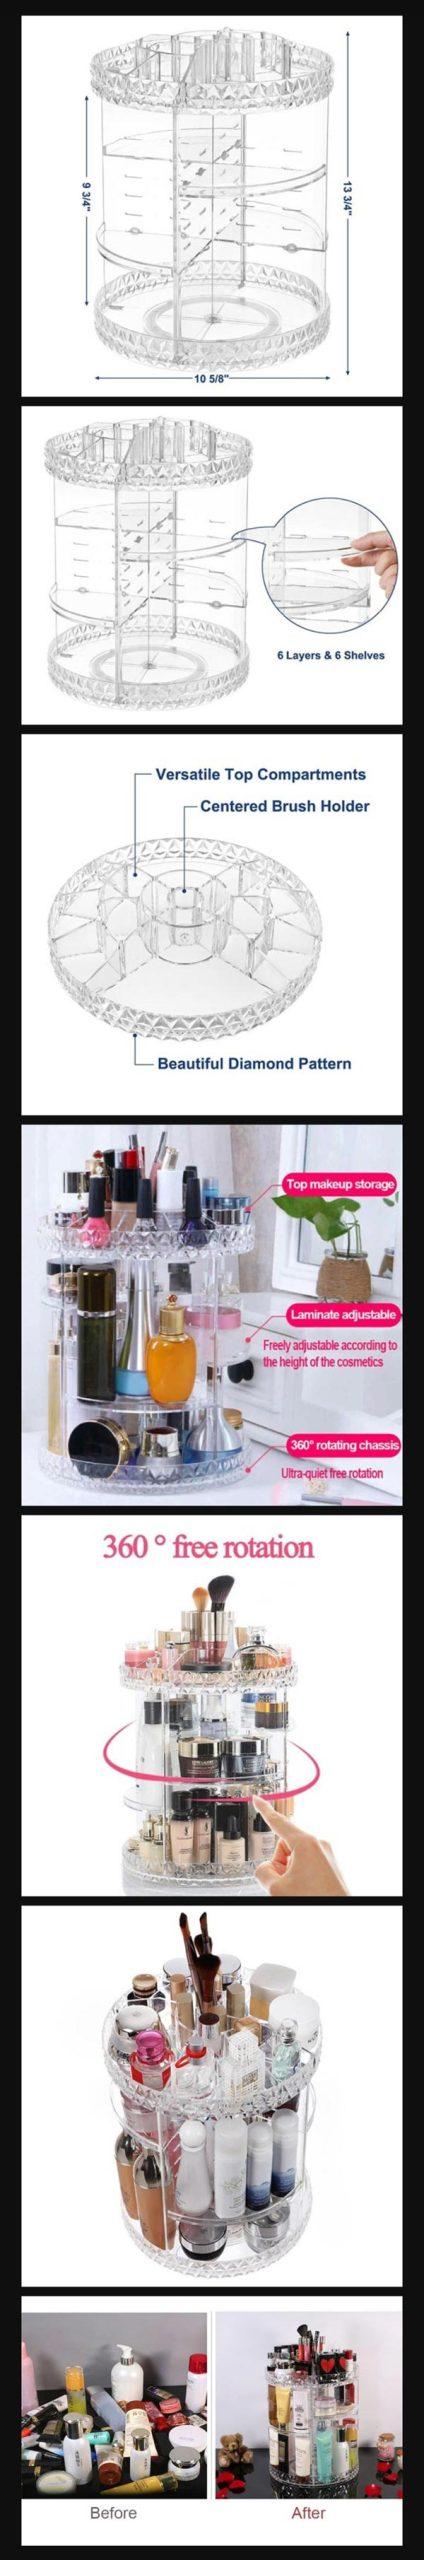 360 Plastic Cosmetic Organizer